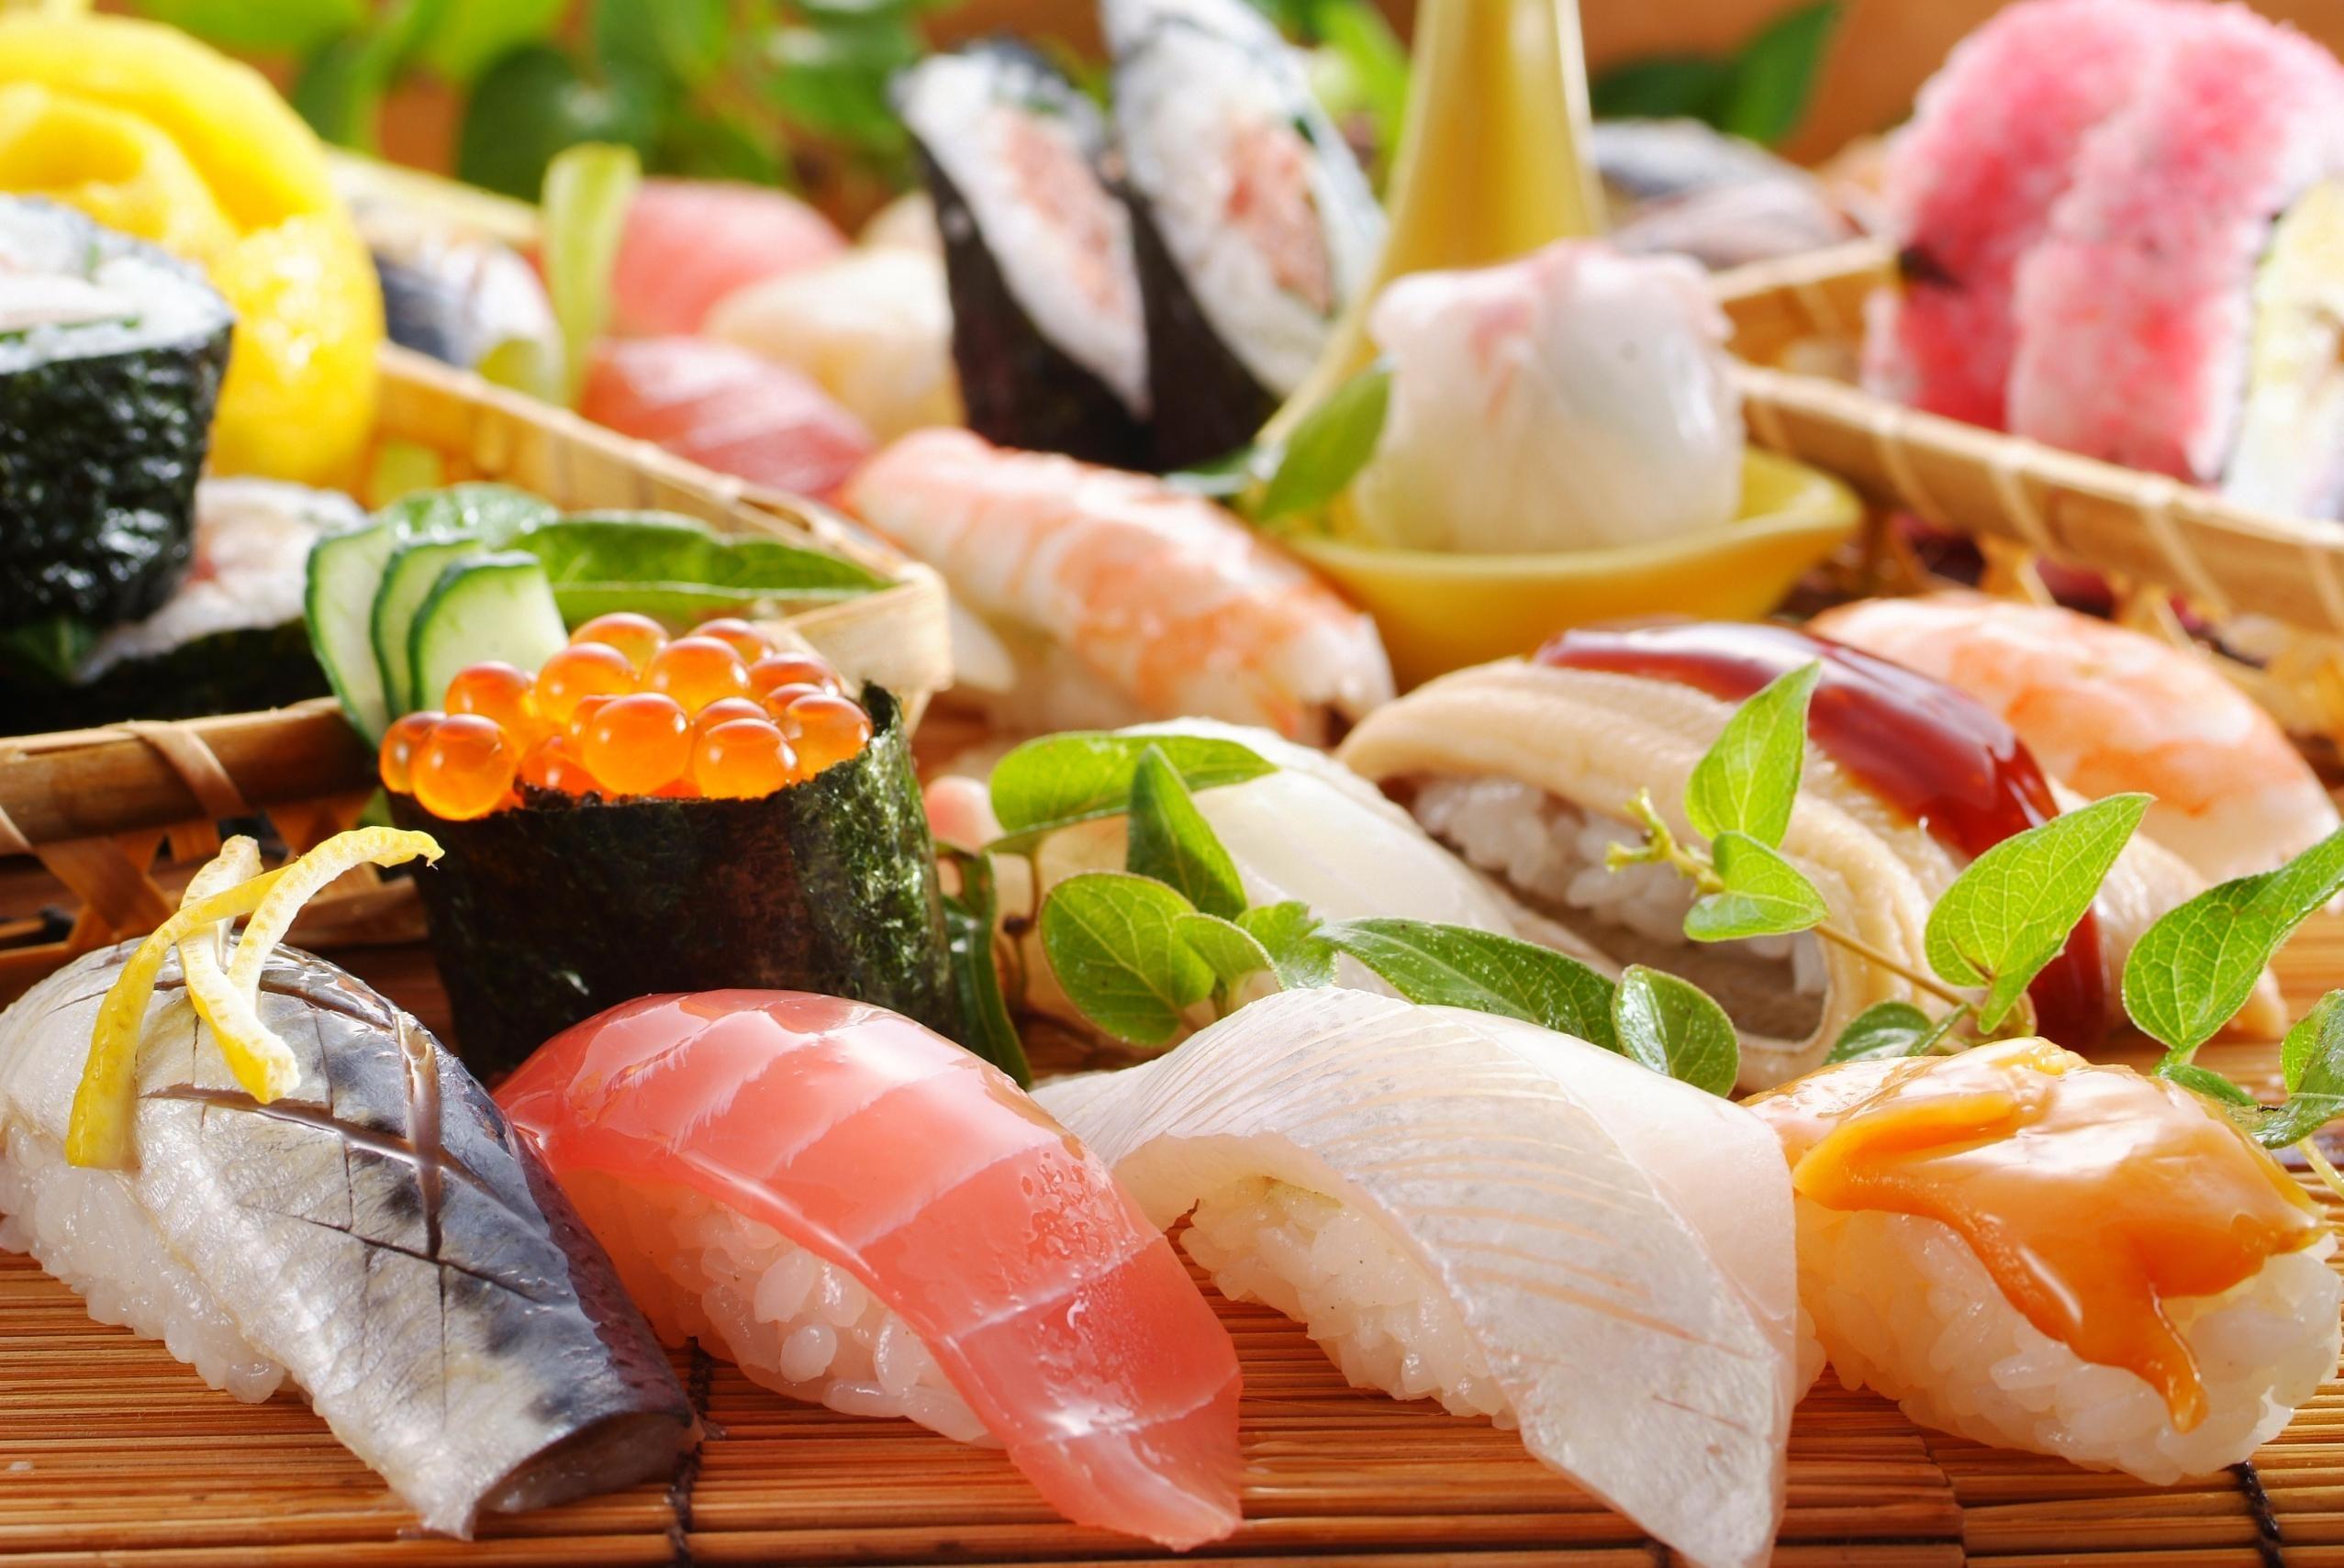 「おいしいお寿司」の画像検索結果